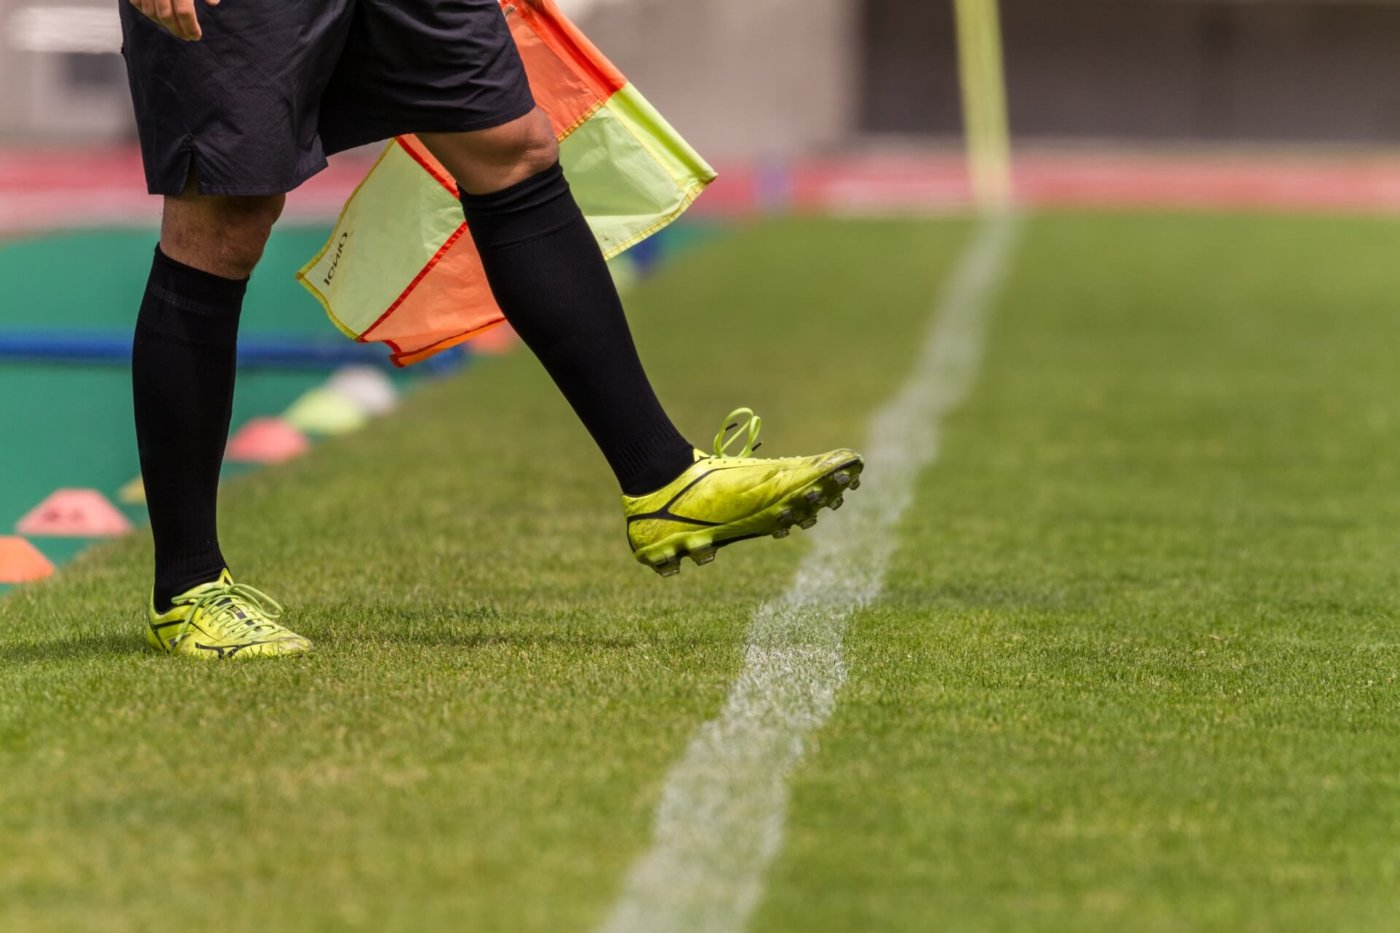 サッカーの審判になってプレーを身近に。